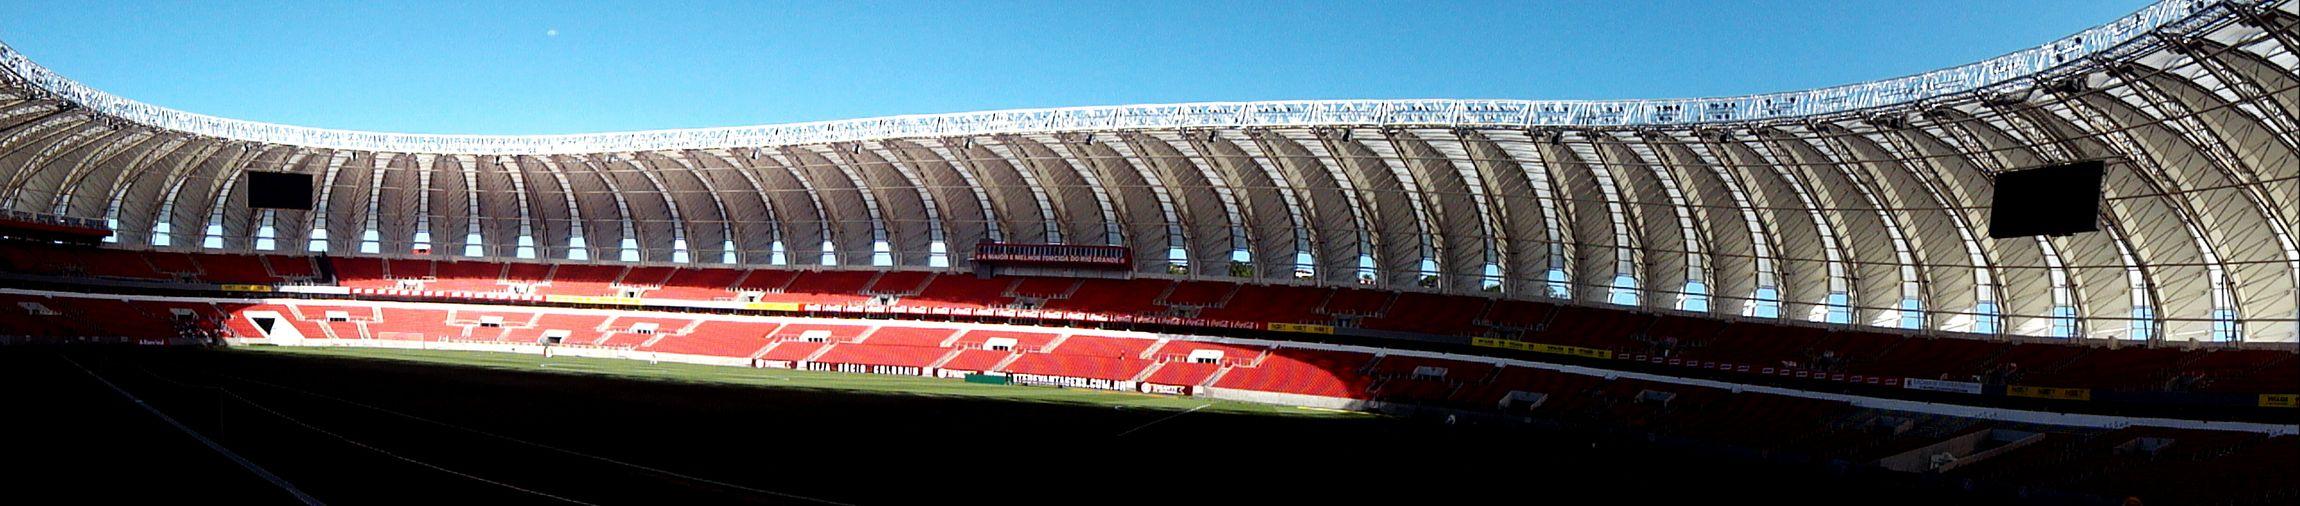 Soccer Futbol Pasion Internacional De Porto Alegre Estádio Beira Rio